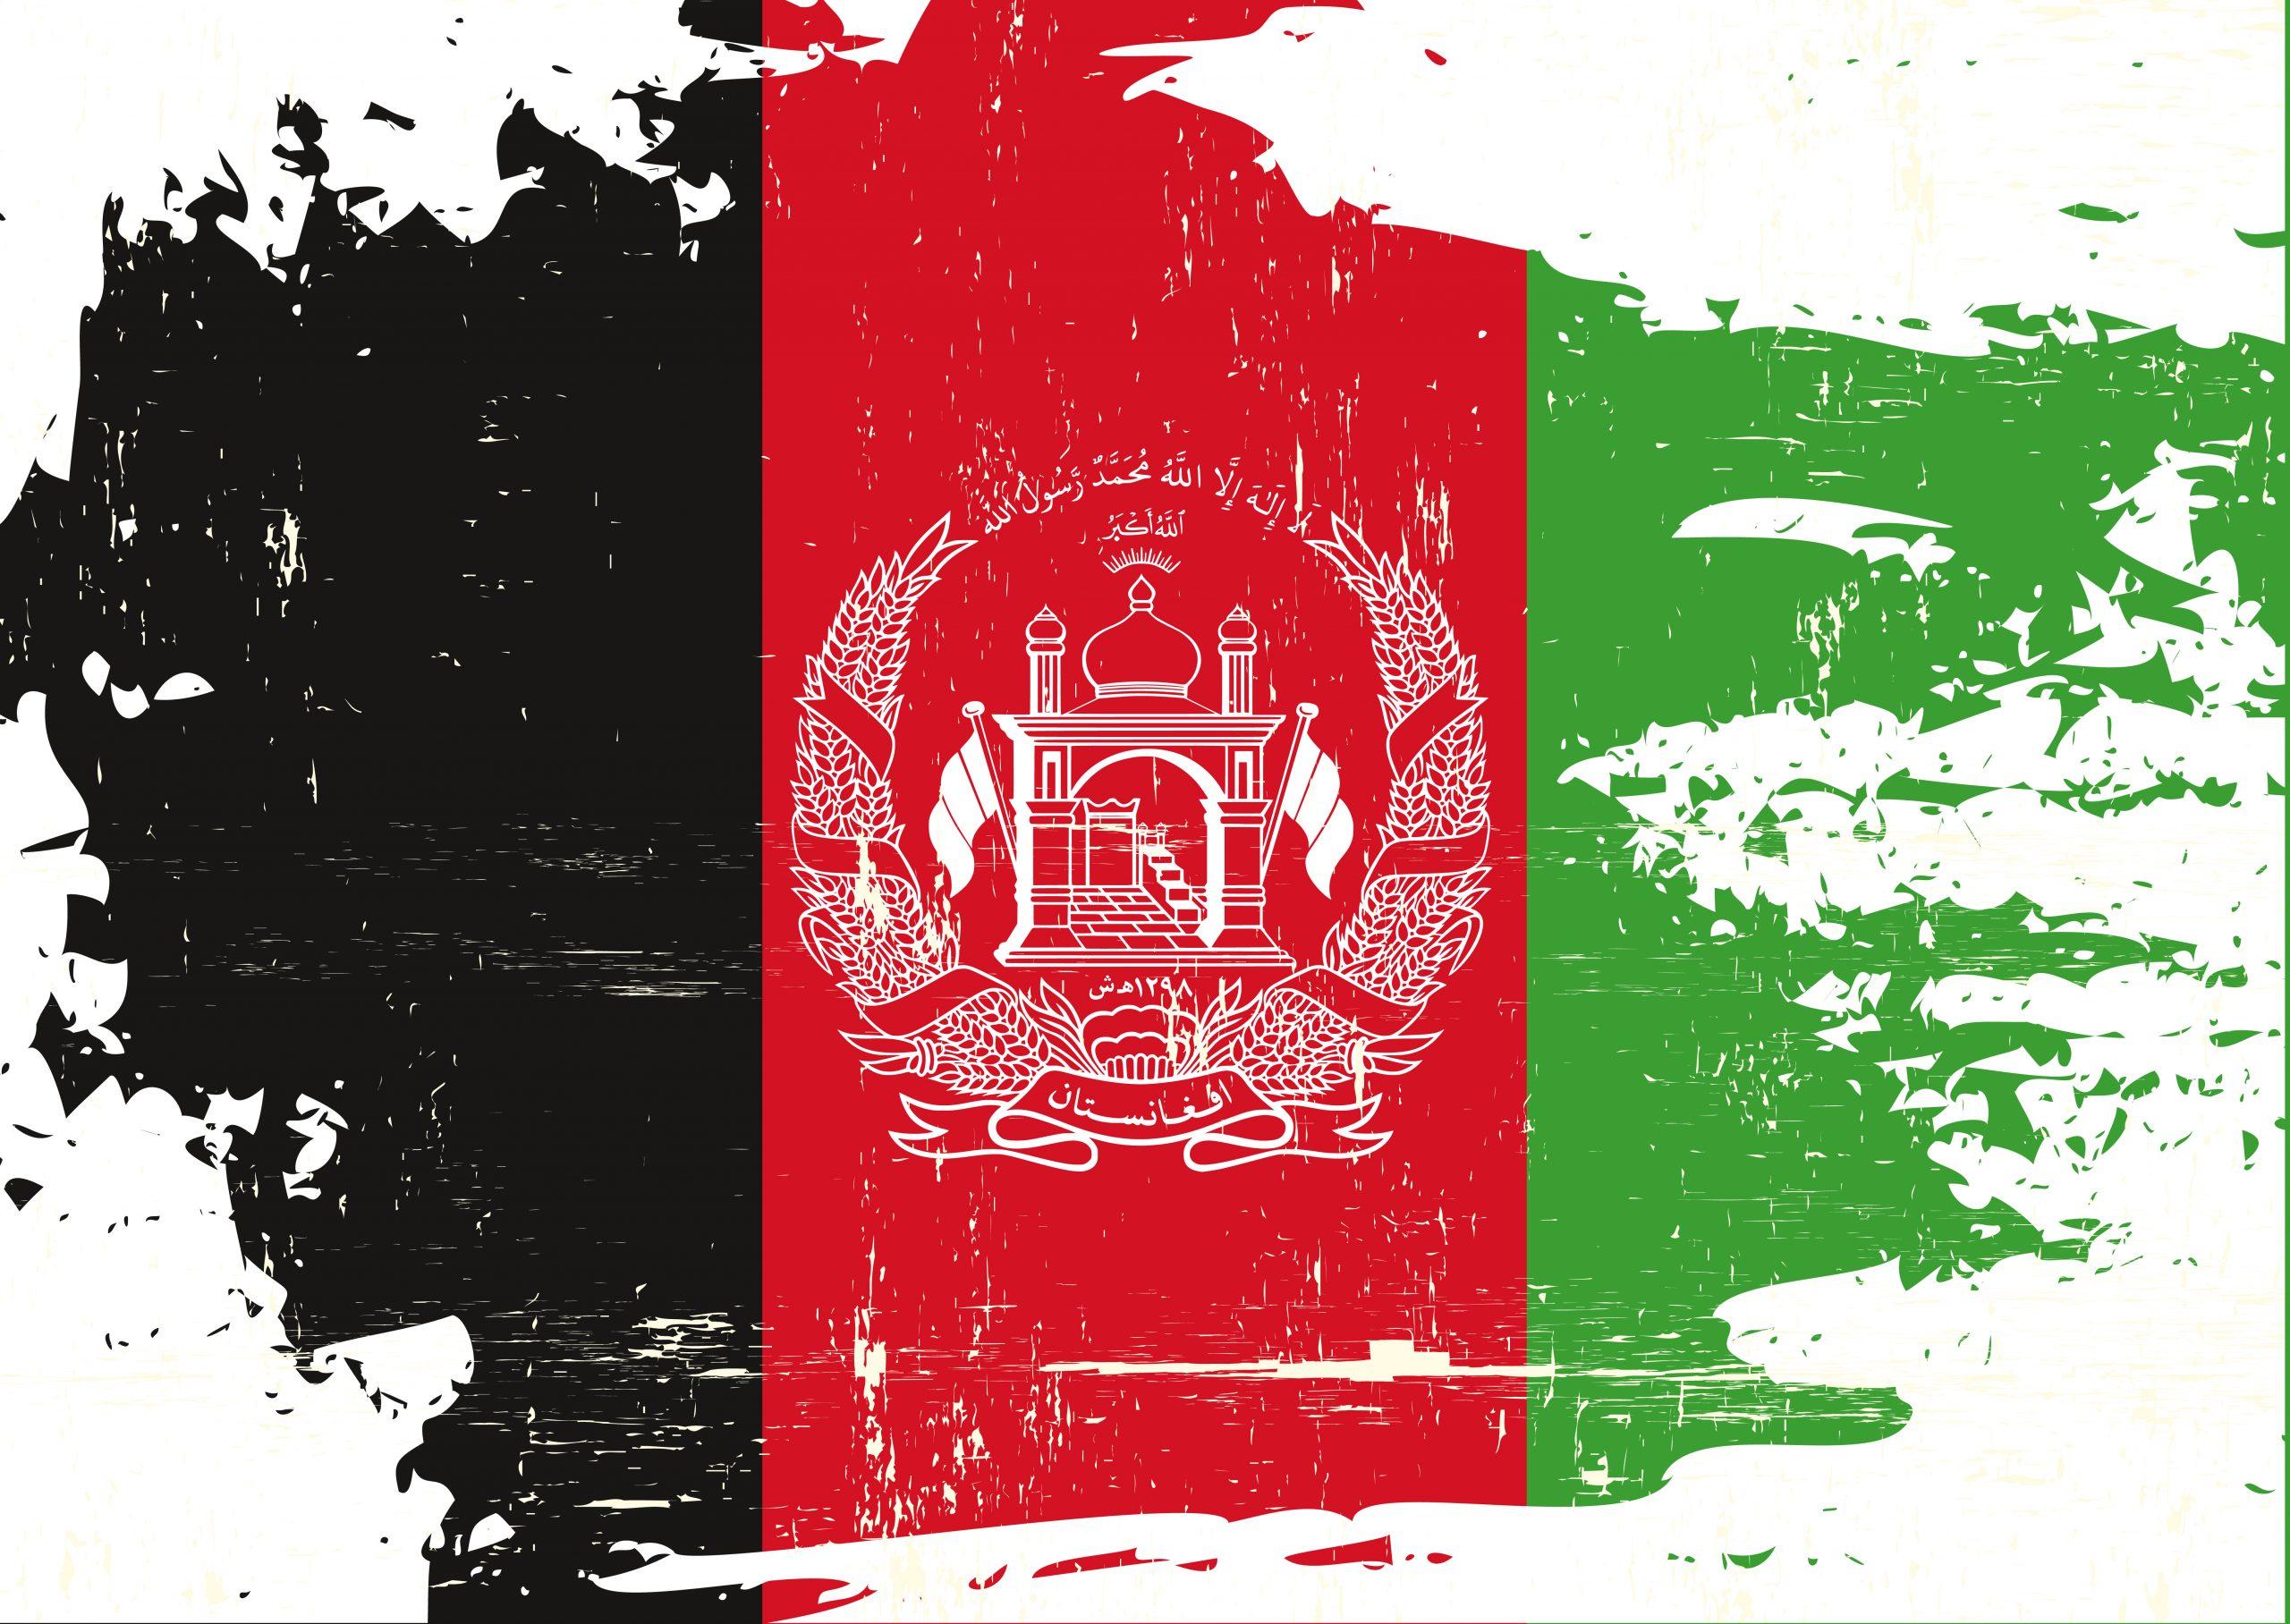 Children among dead in Kabul bombing